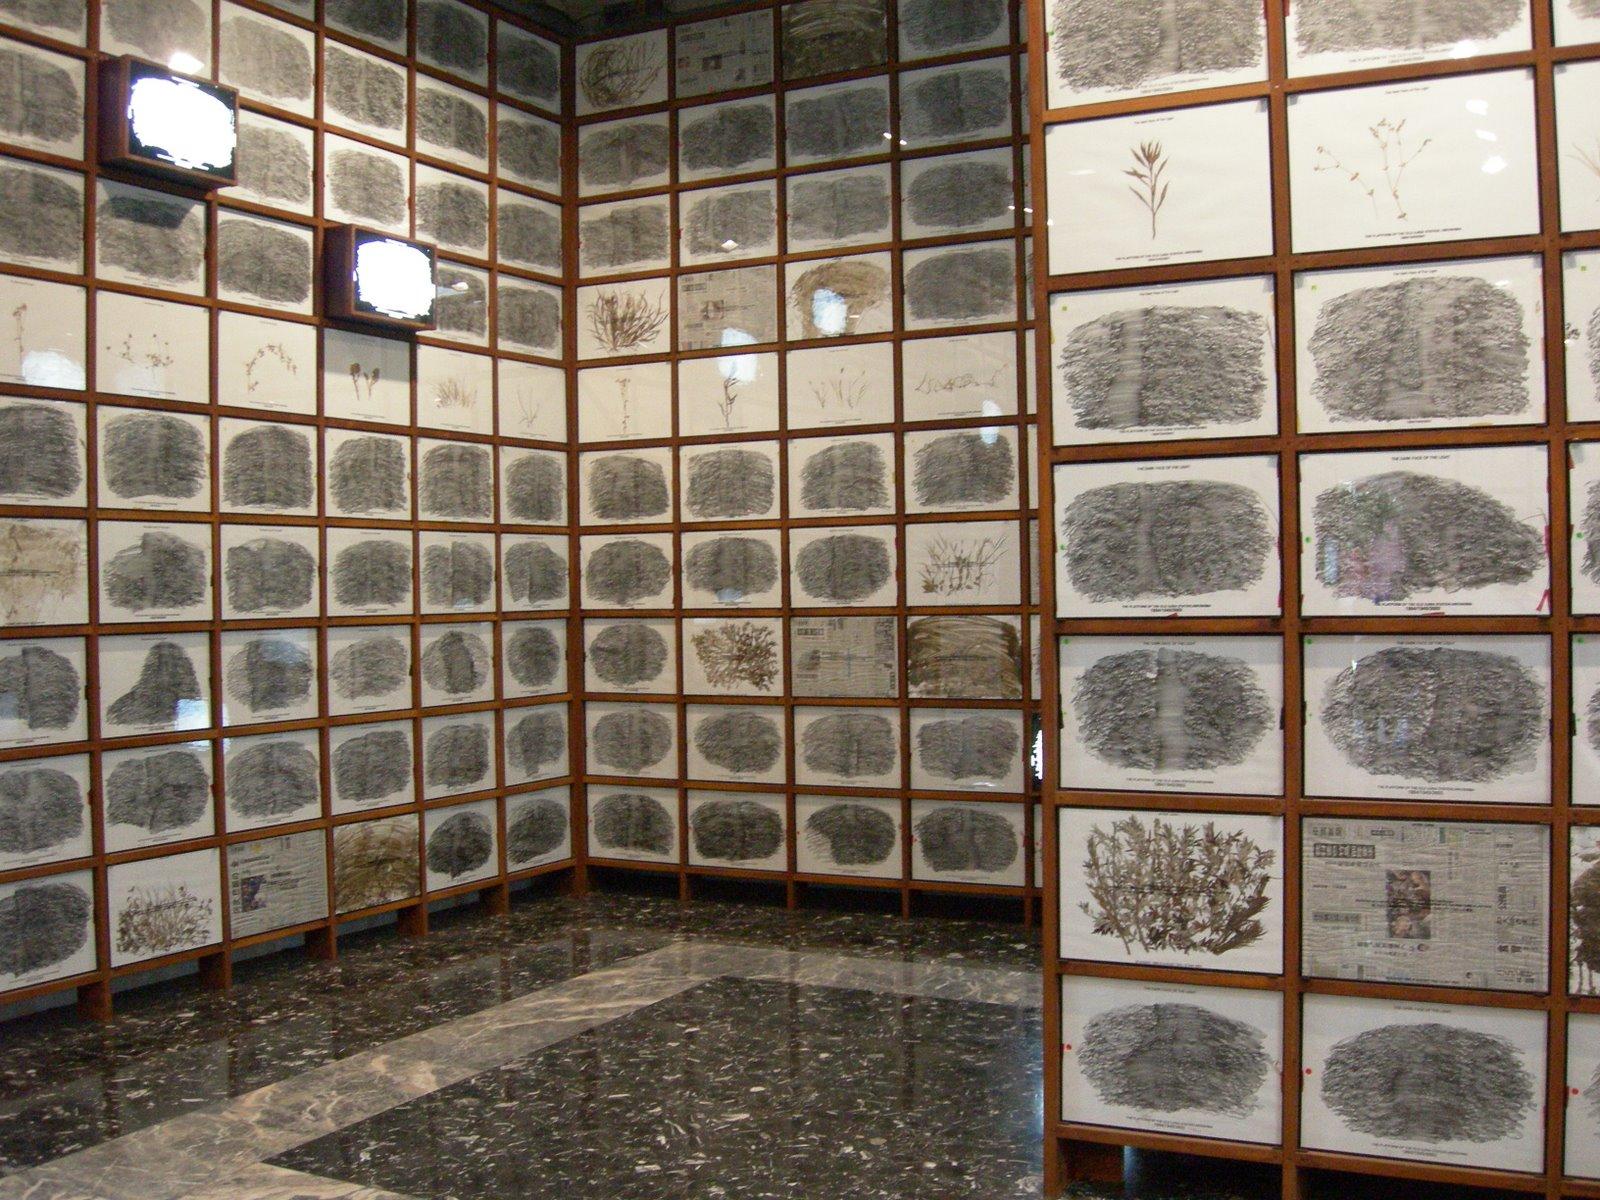 Masao Okabe, frottages realizados sobre piedra. En el pabellón japonés de la Bienal de Venezia de 2007 este artista expuso cientos de calcos de los adoquines de la estación de tren de Ujina y el puerto de Hiroshima antes de ser desmantelados. Las piedras se vieron afectadas por la explosión de la bomba atómica en 1945